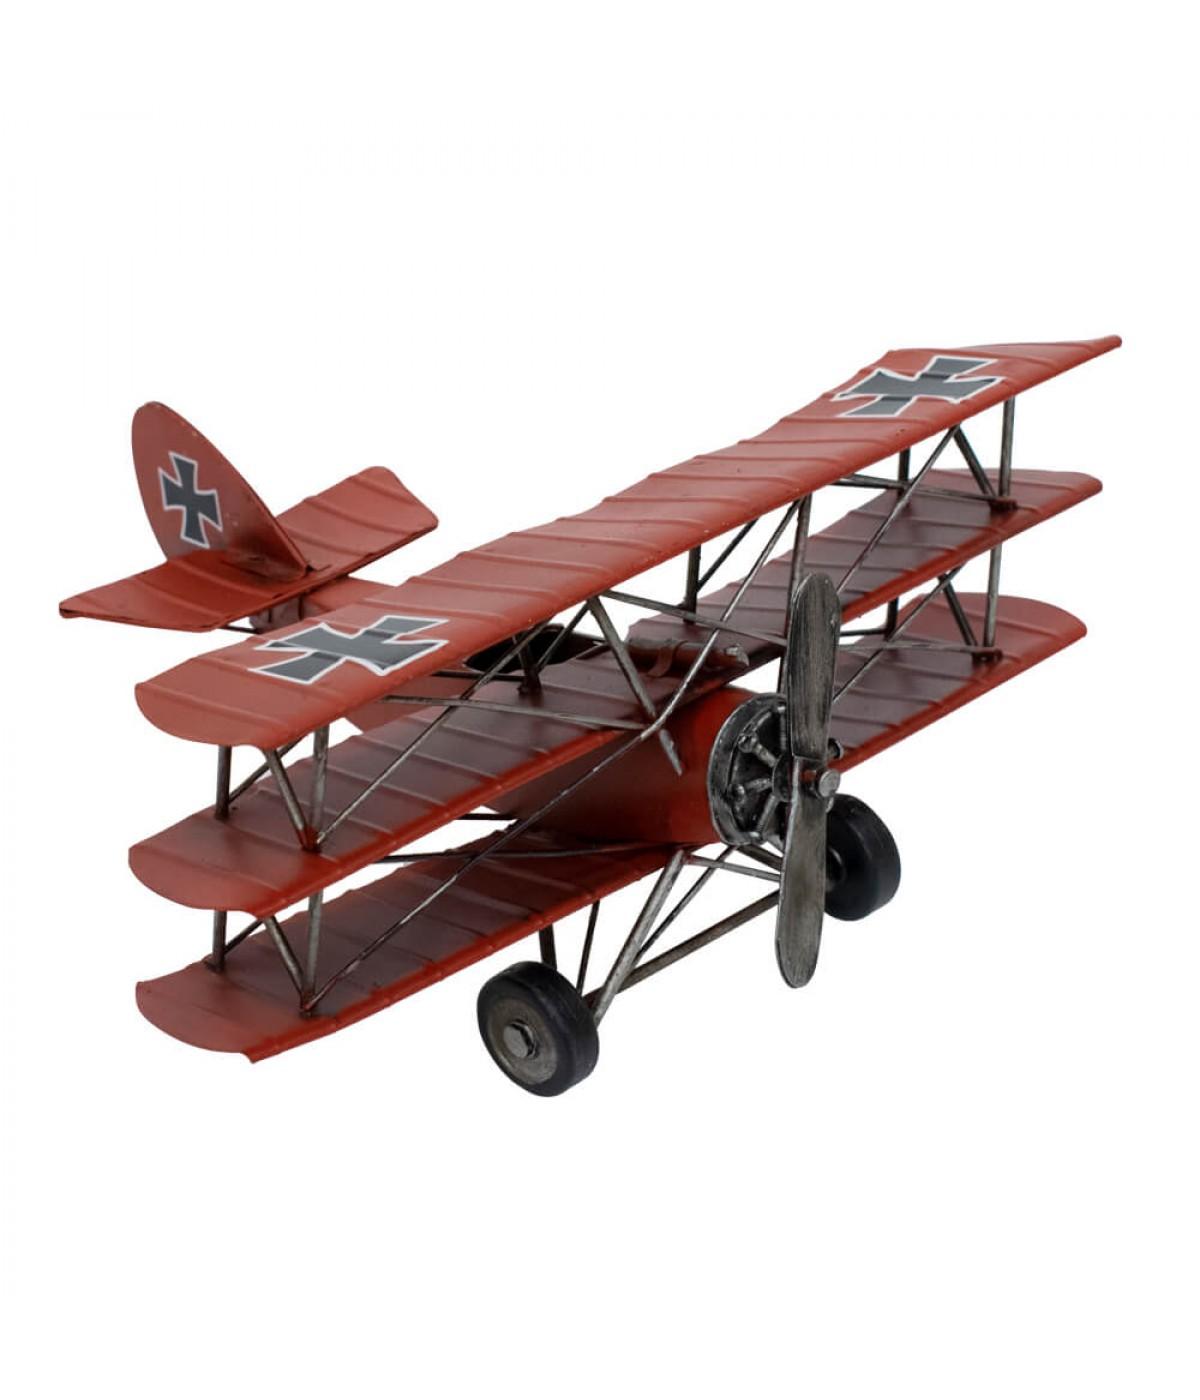 Avião Vermelho Asas Tripla Hélice 12.5x25.5x28cm Estilo Retrô - Vintage